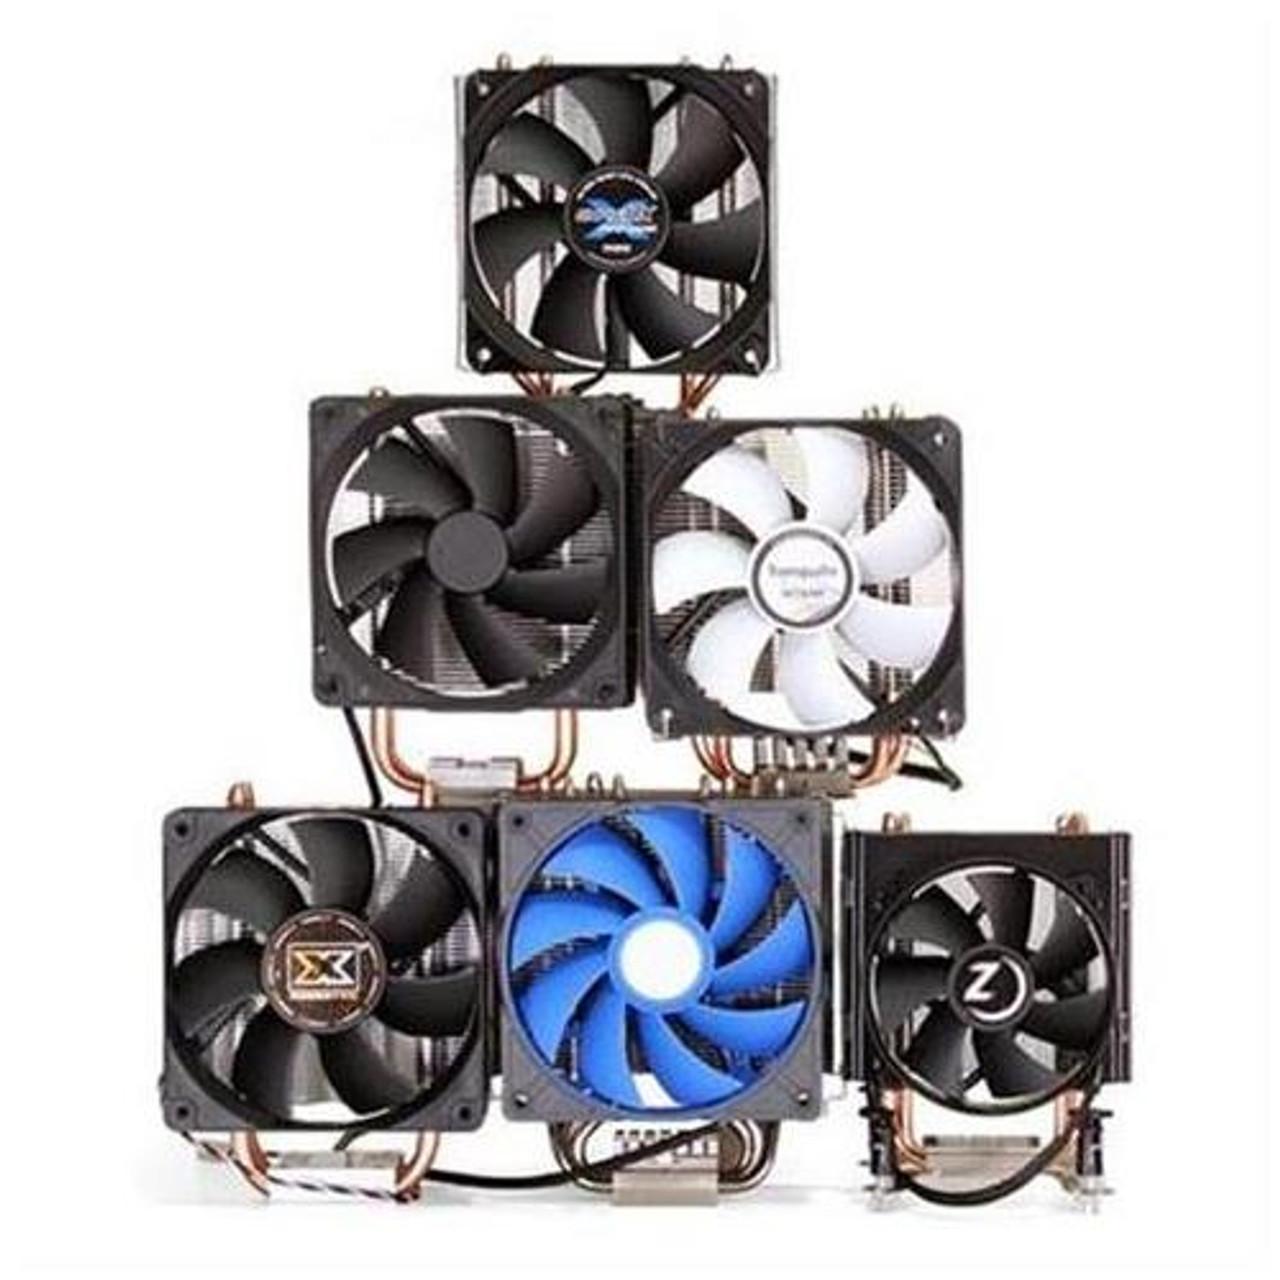 FBEL2021010 Gateway Zx4300 All In One Heatsink